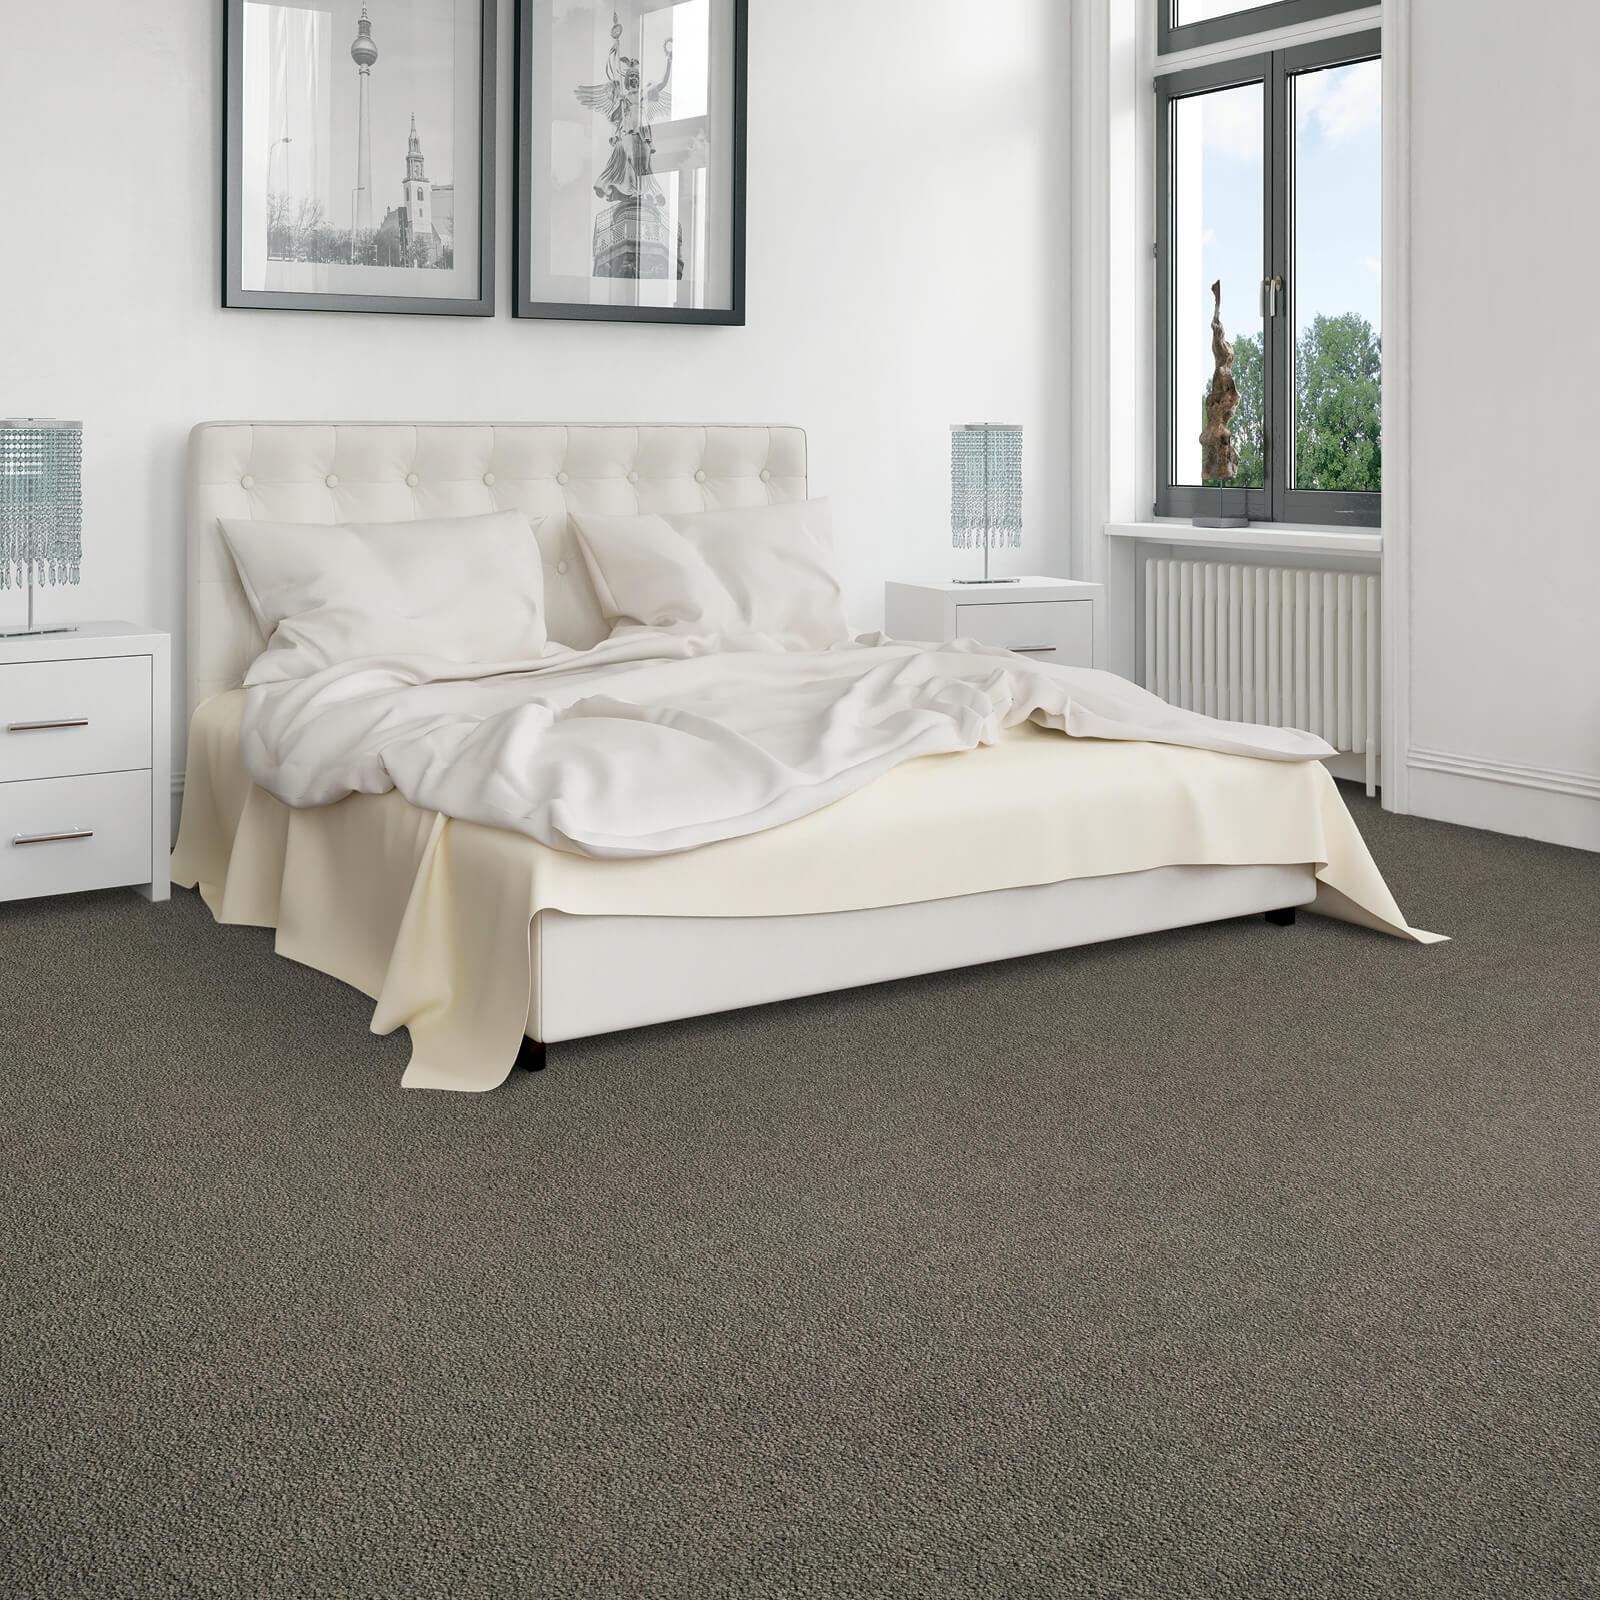 Carpet in bedroom   Hughes Floor Coverings Inc